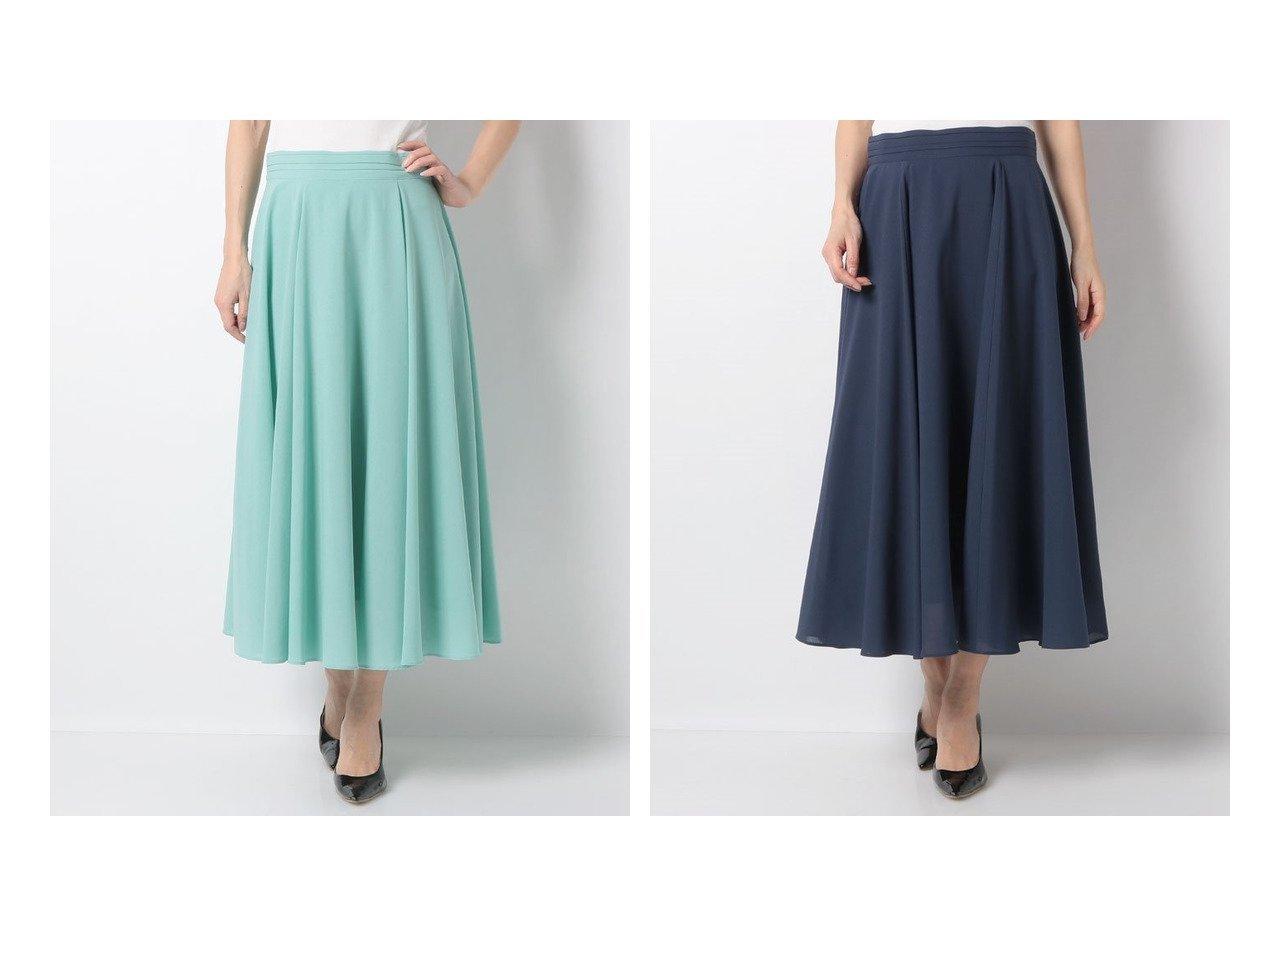 【ANAYI/アナイ】のマットジョーゼットフレアスカート スカートのおすすめ!人気、トレンド・レディースファッションの通販 おすすめで人気の流行・トレンド、ファッションの通販商品 メンズファッション・キッズファッション・インテリア・家具・レディースファッション・服の通販 founy(ファニー) https://founy.com/ ファッション Fashion レディースファッション WOMEN スカート Skirt Aライン/フレアスカート Flared A-Line Skirts おすすめ Recommend エアリー ギャザー シンプル ジャケット ジョーゼット フレア プレーン ランダム ワンポイント |ID:crp329100000024493